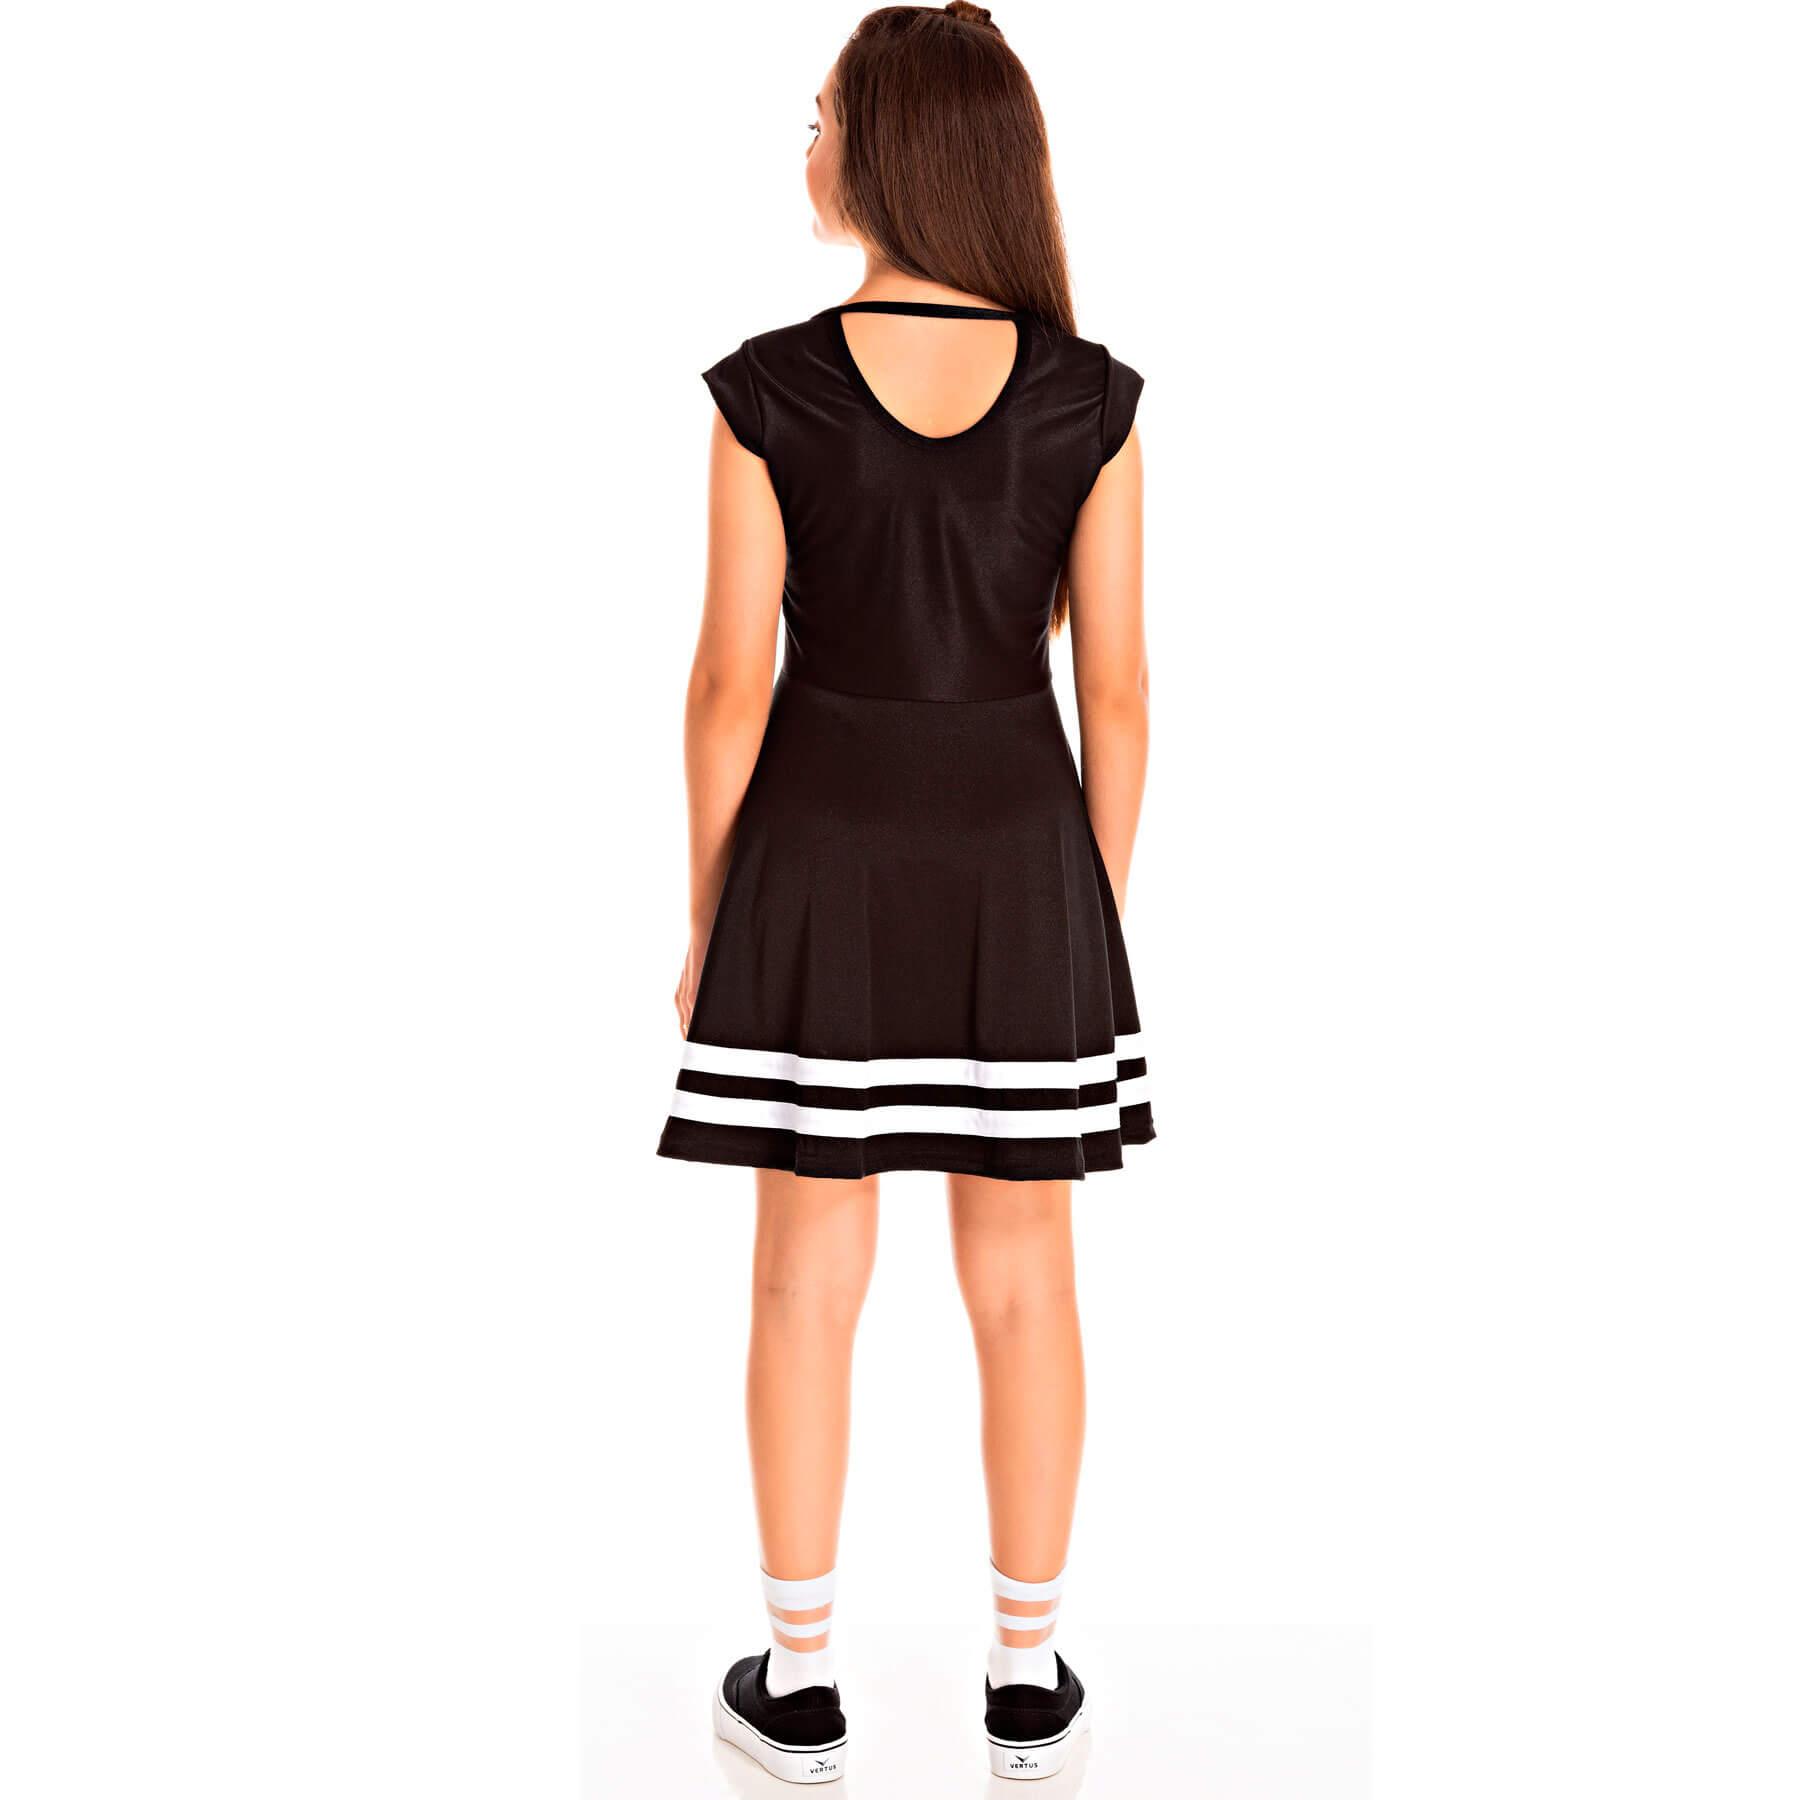 Vestido Juvenil Pic Nic Poly Acetinado